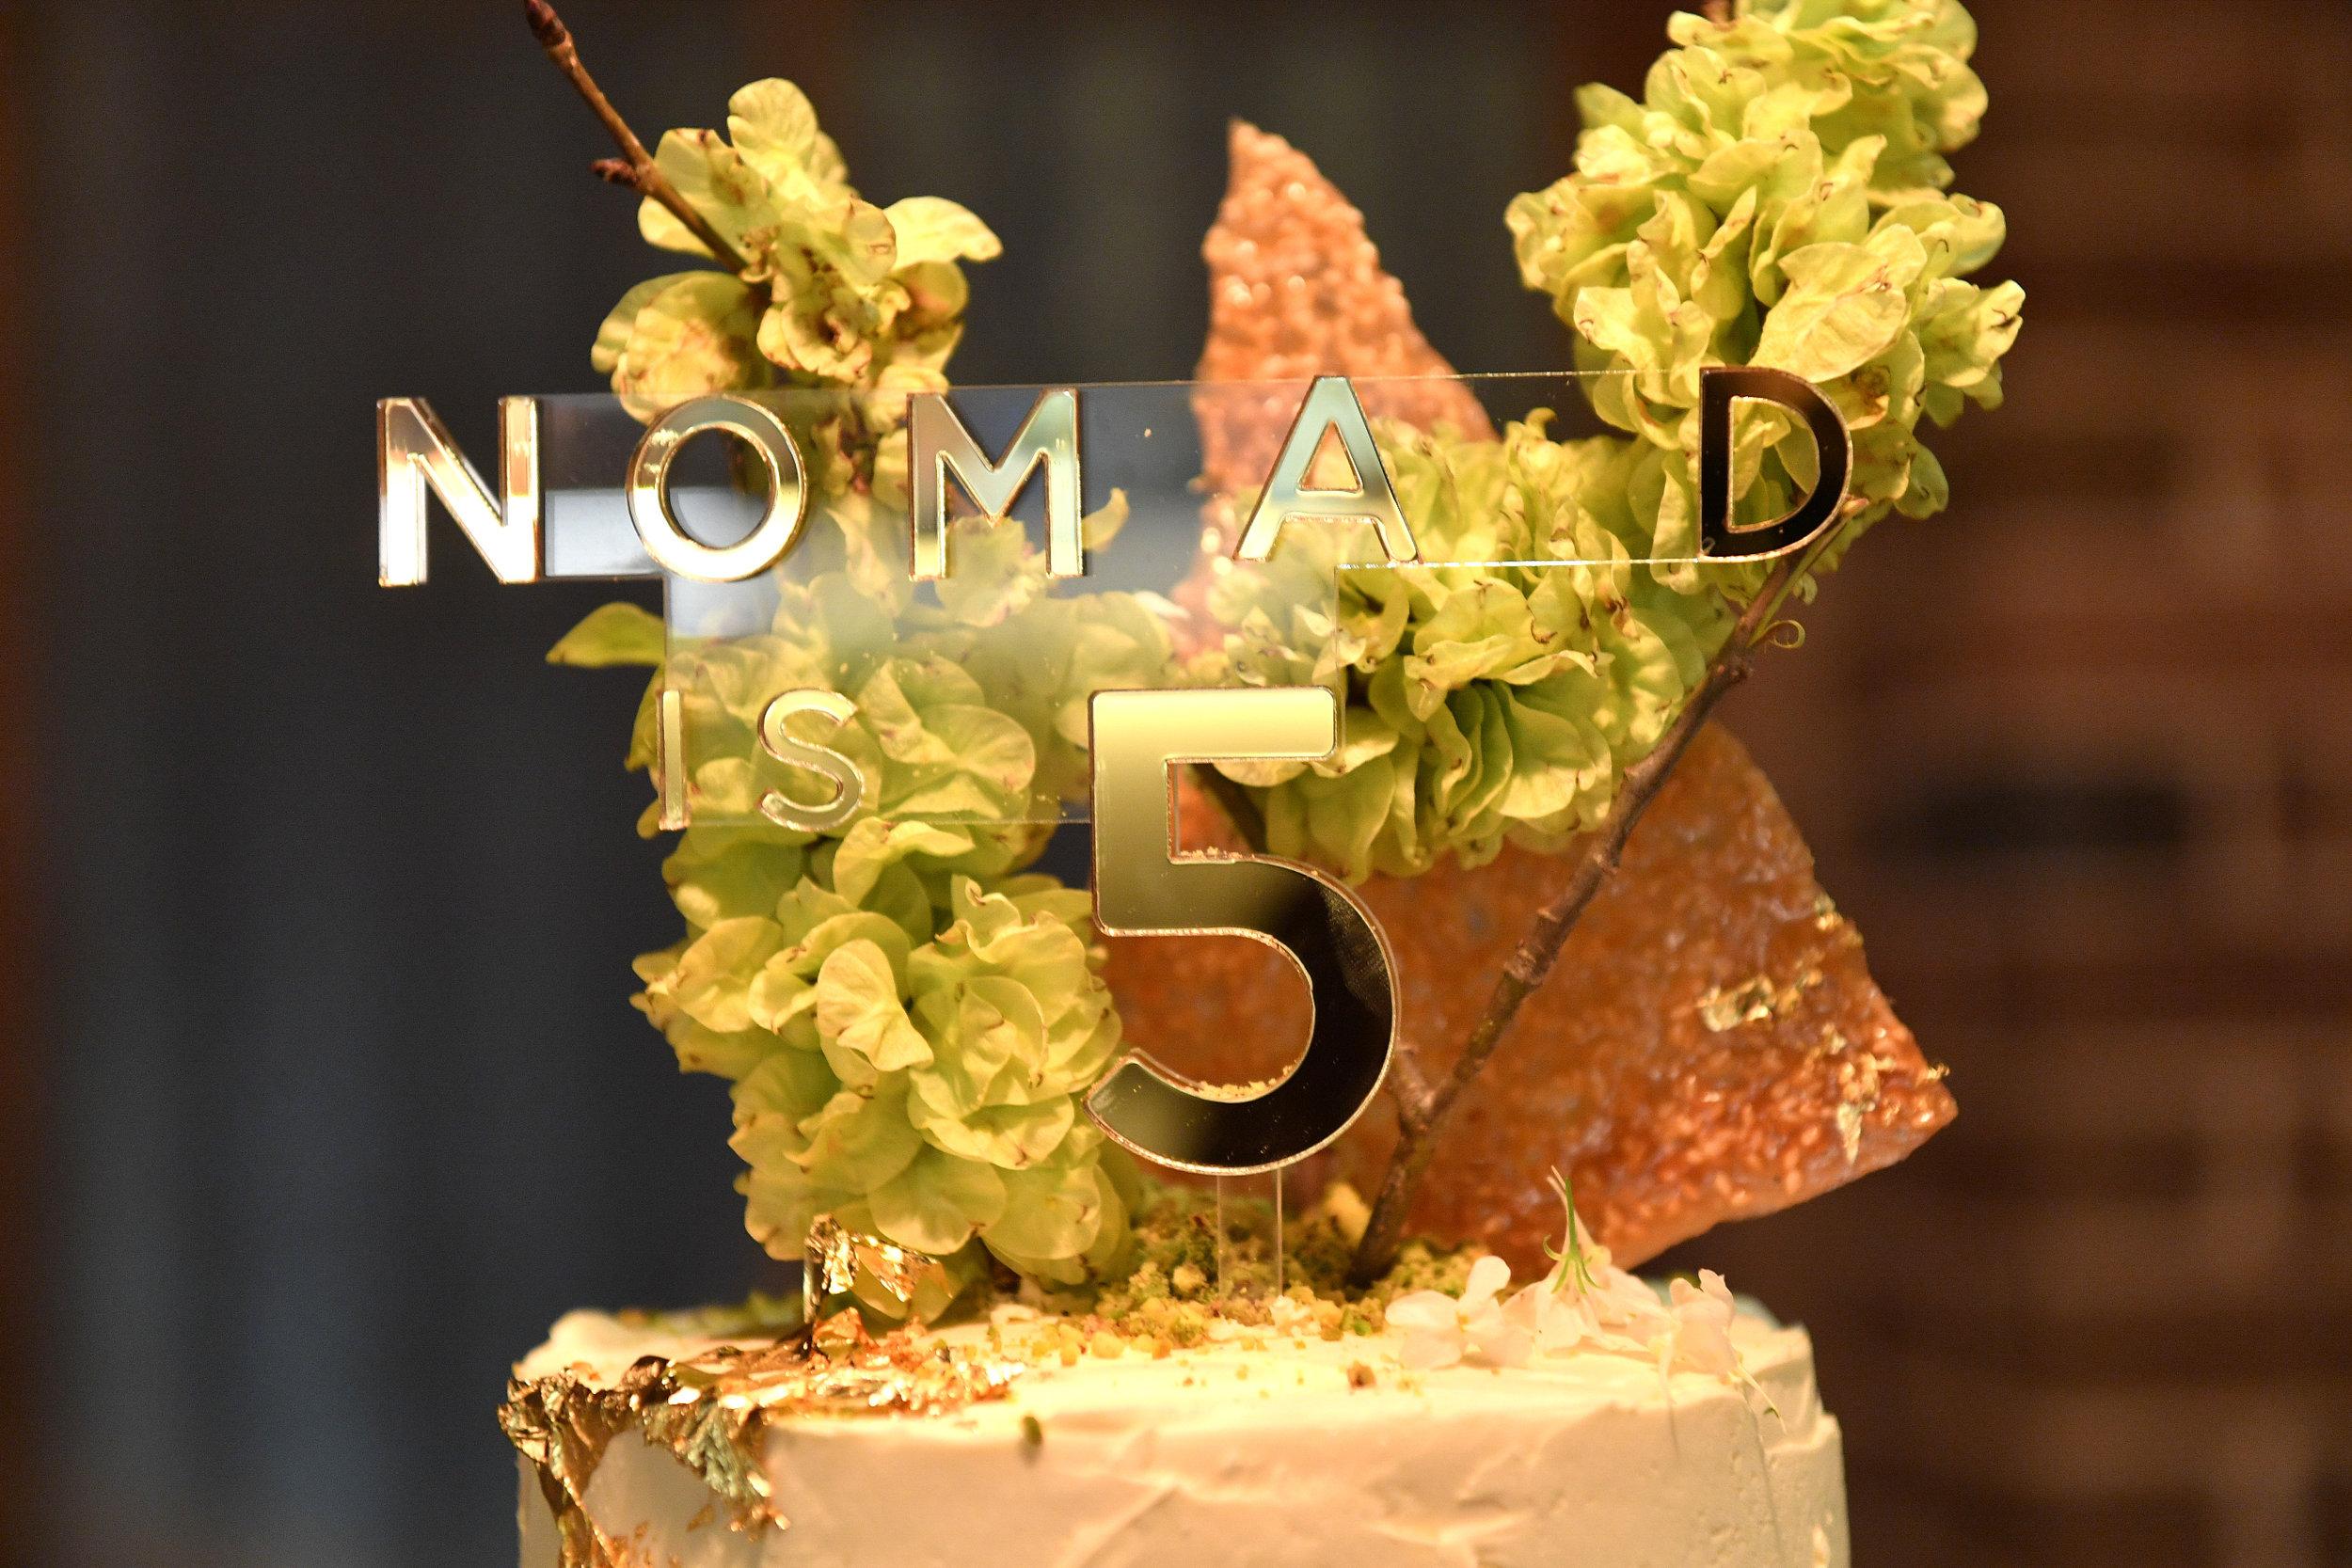 Nomad - Birthday Cake 2.JPG